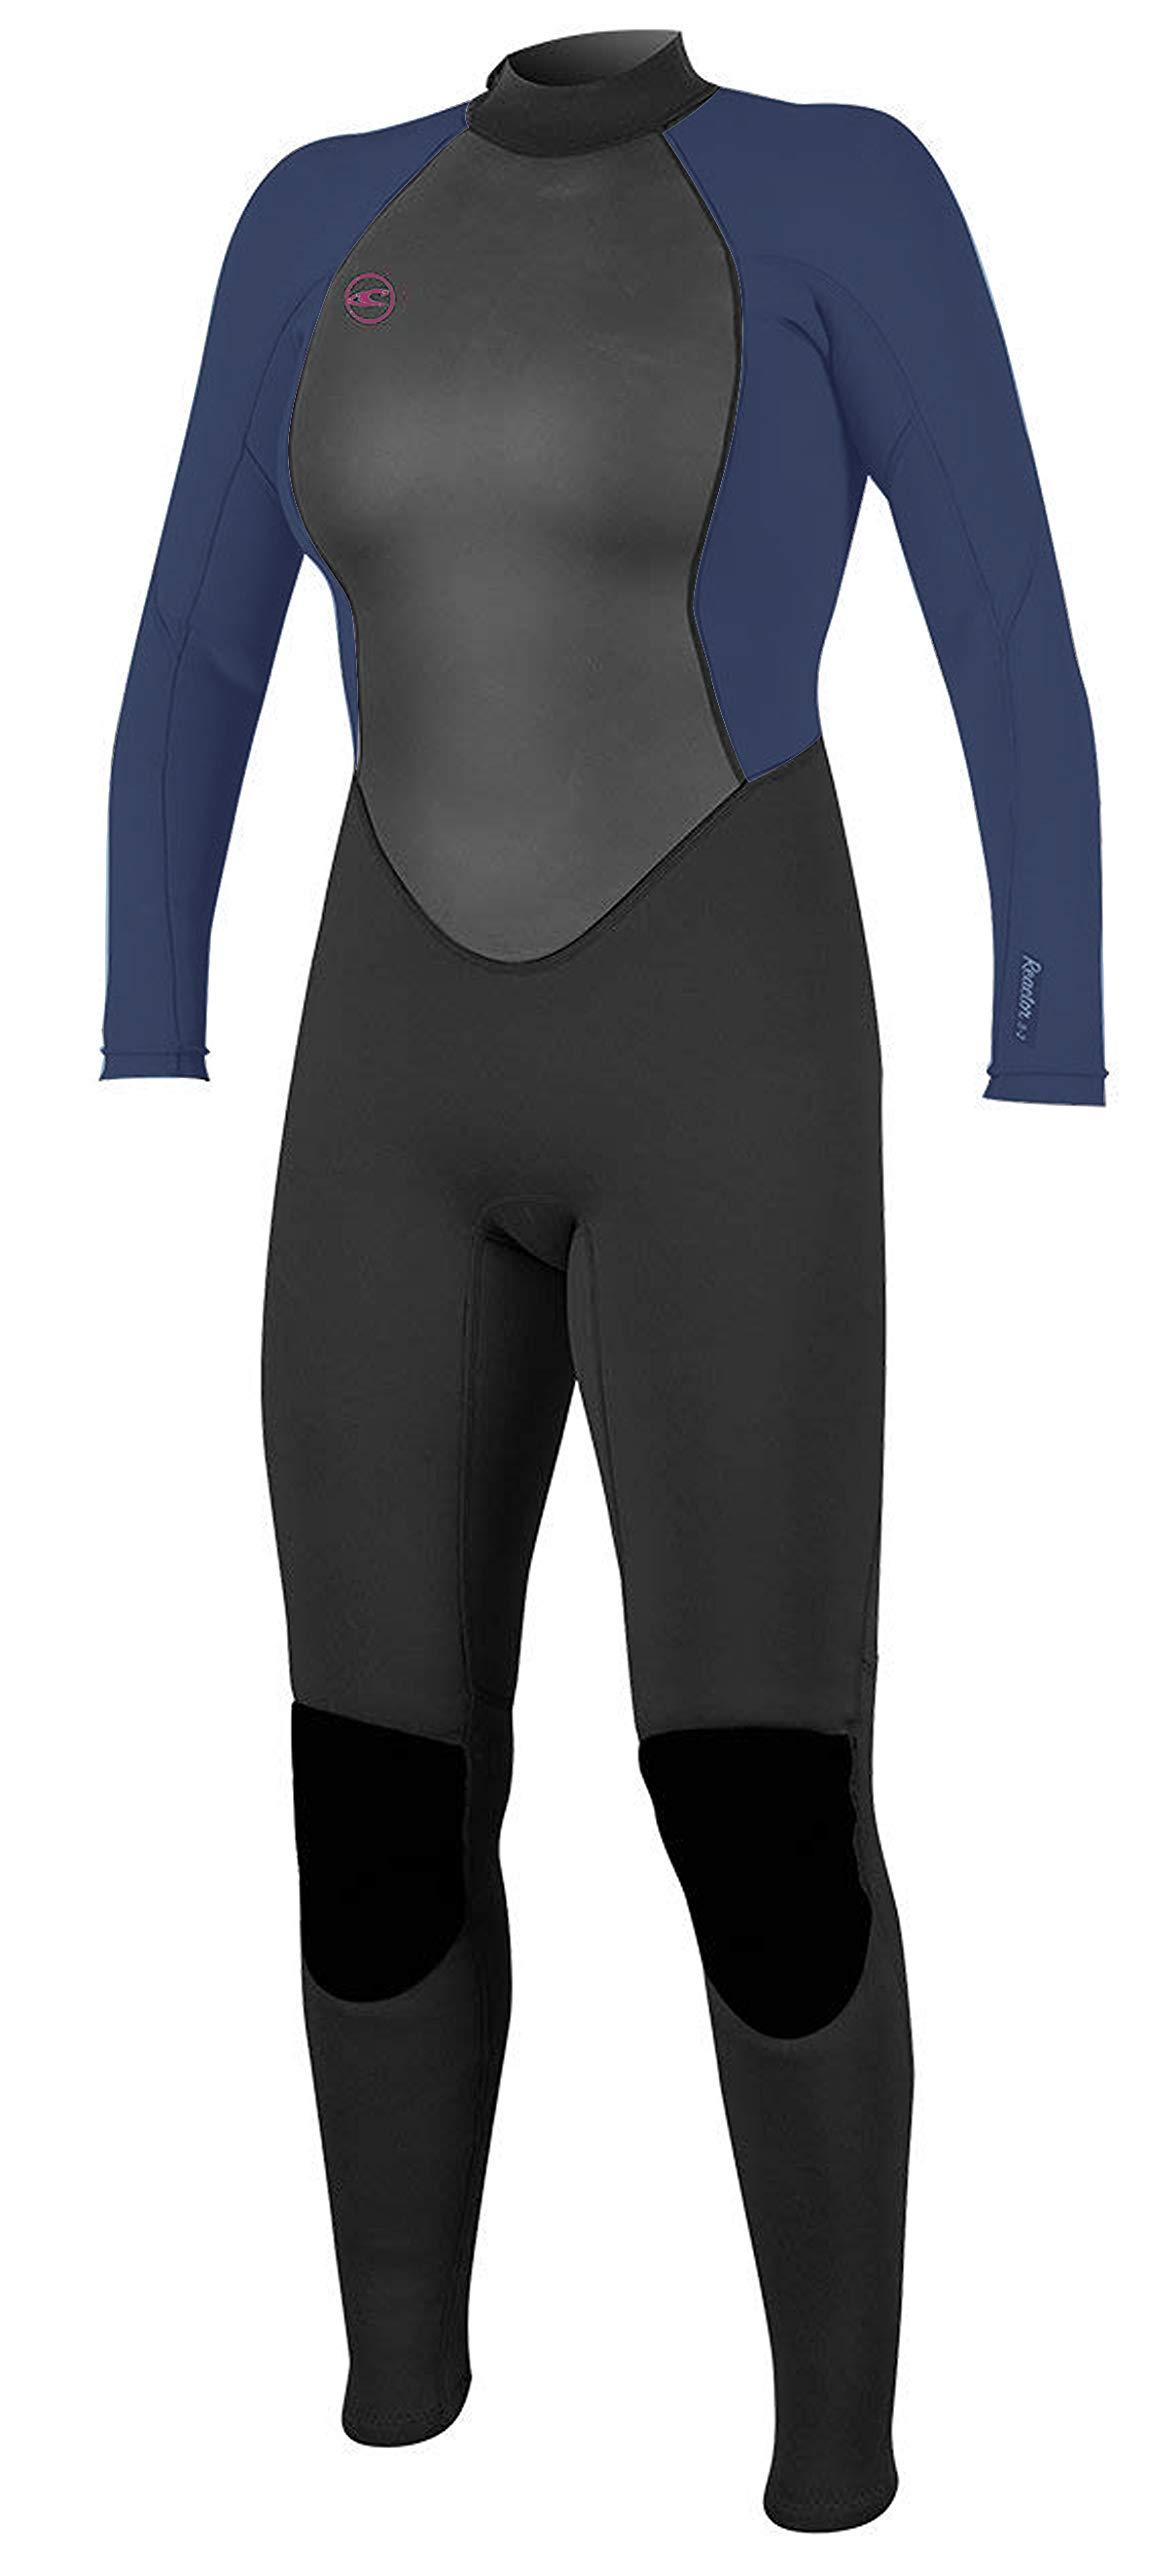 O'Neill Women's Reactor-2 3/2mm Back Zip Full Wetsuit, BLK/Slate, 4